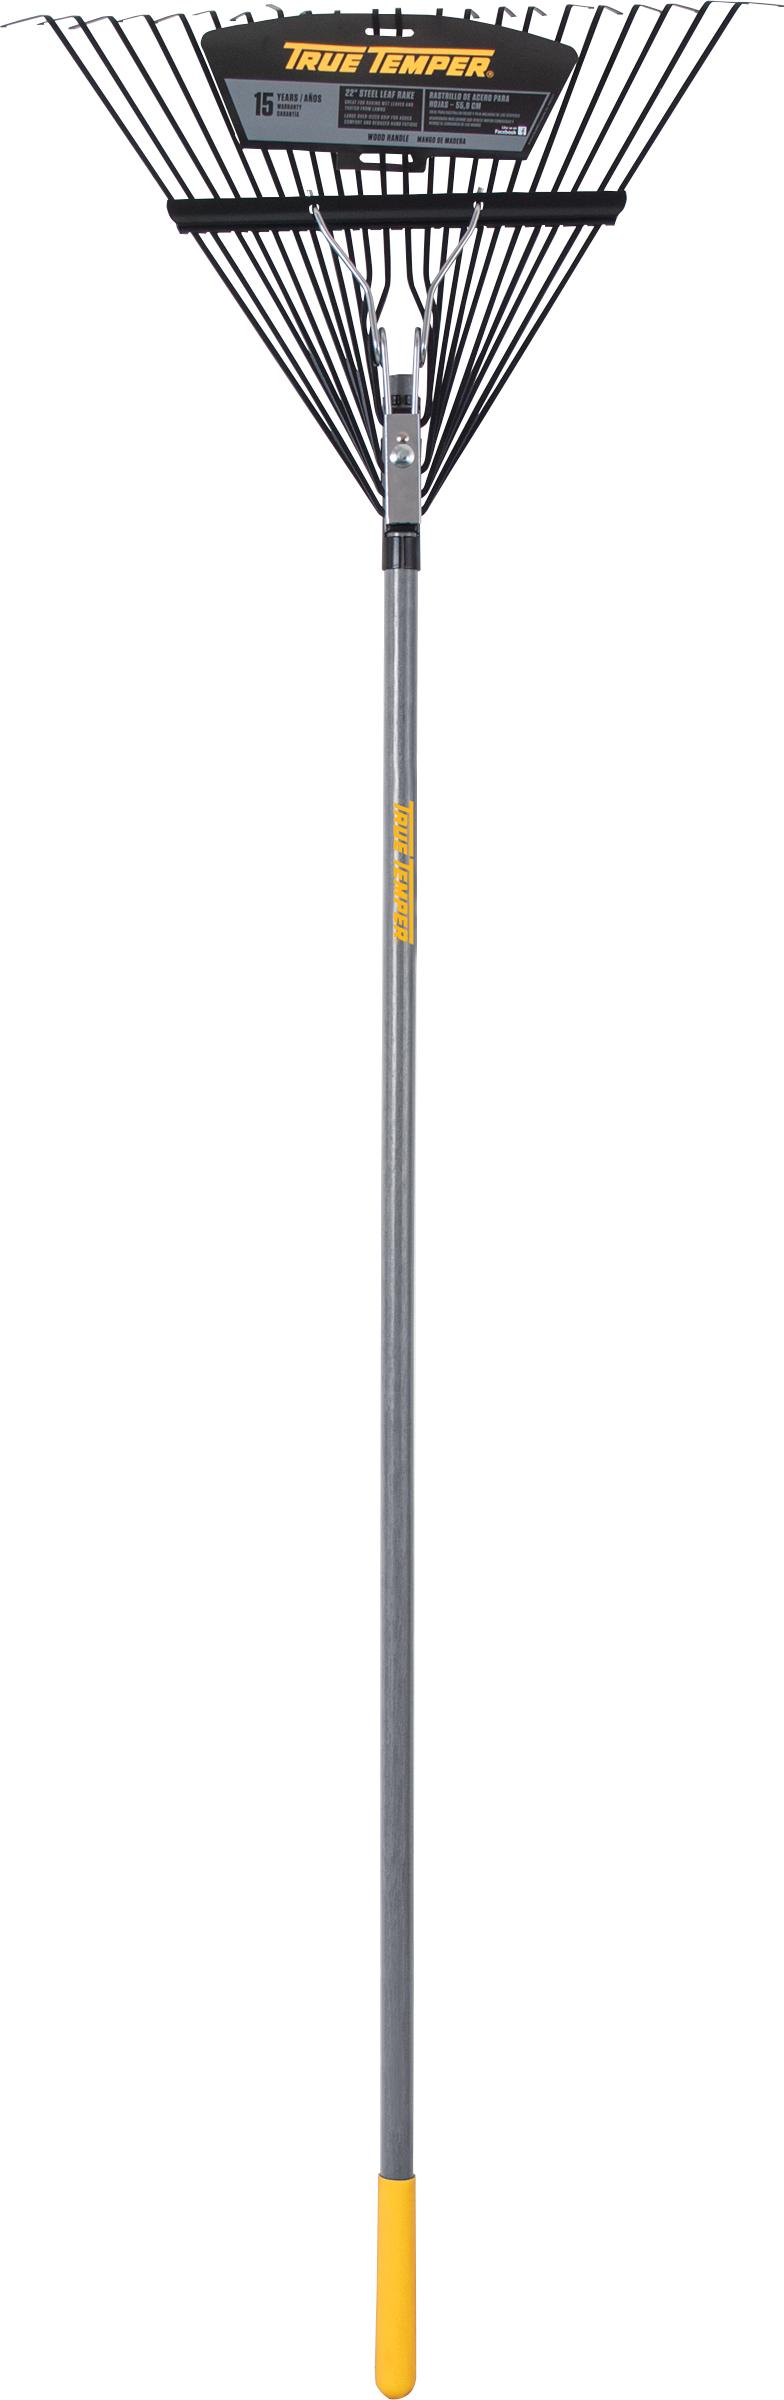 22 Inch Steel Leaf Rake True Temper 174 Tools